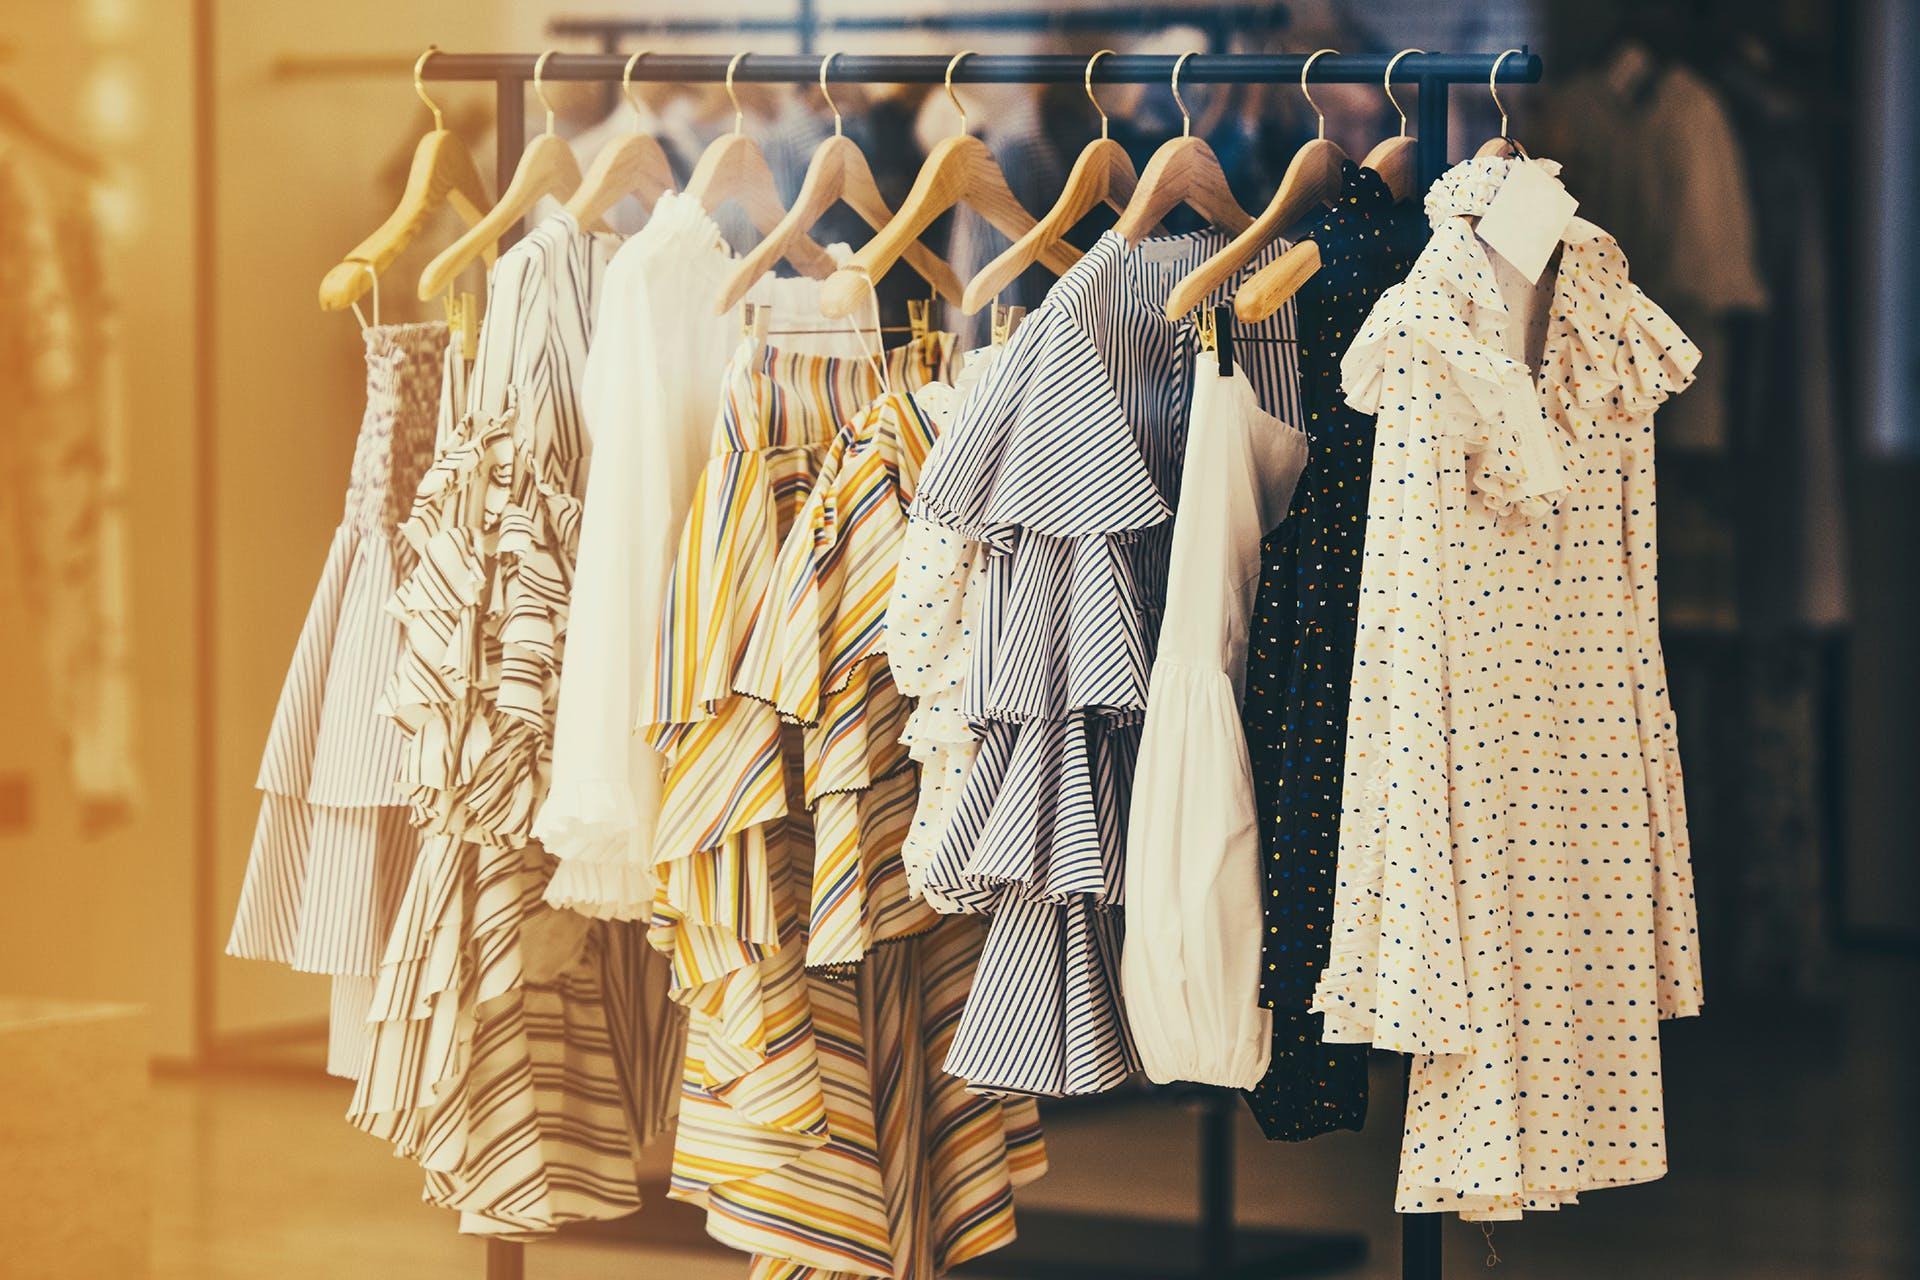 Bild einer Kleiderstange